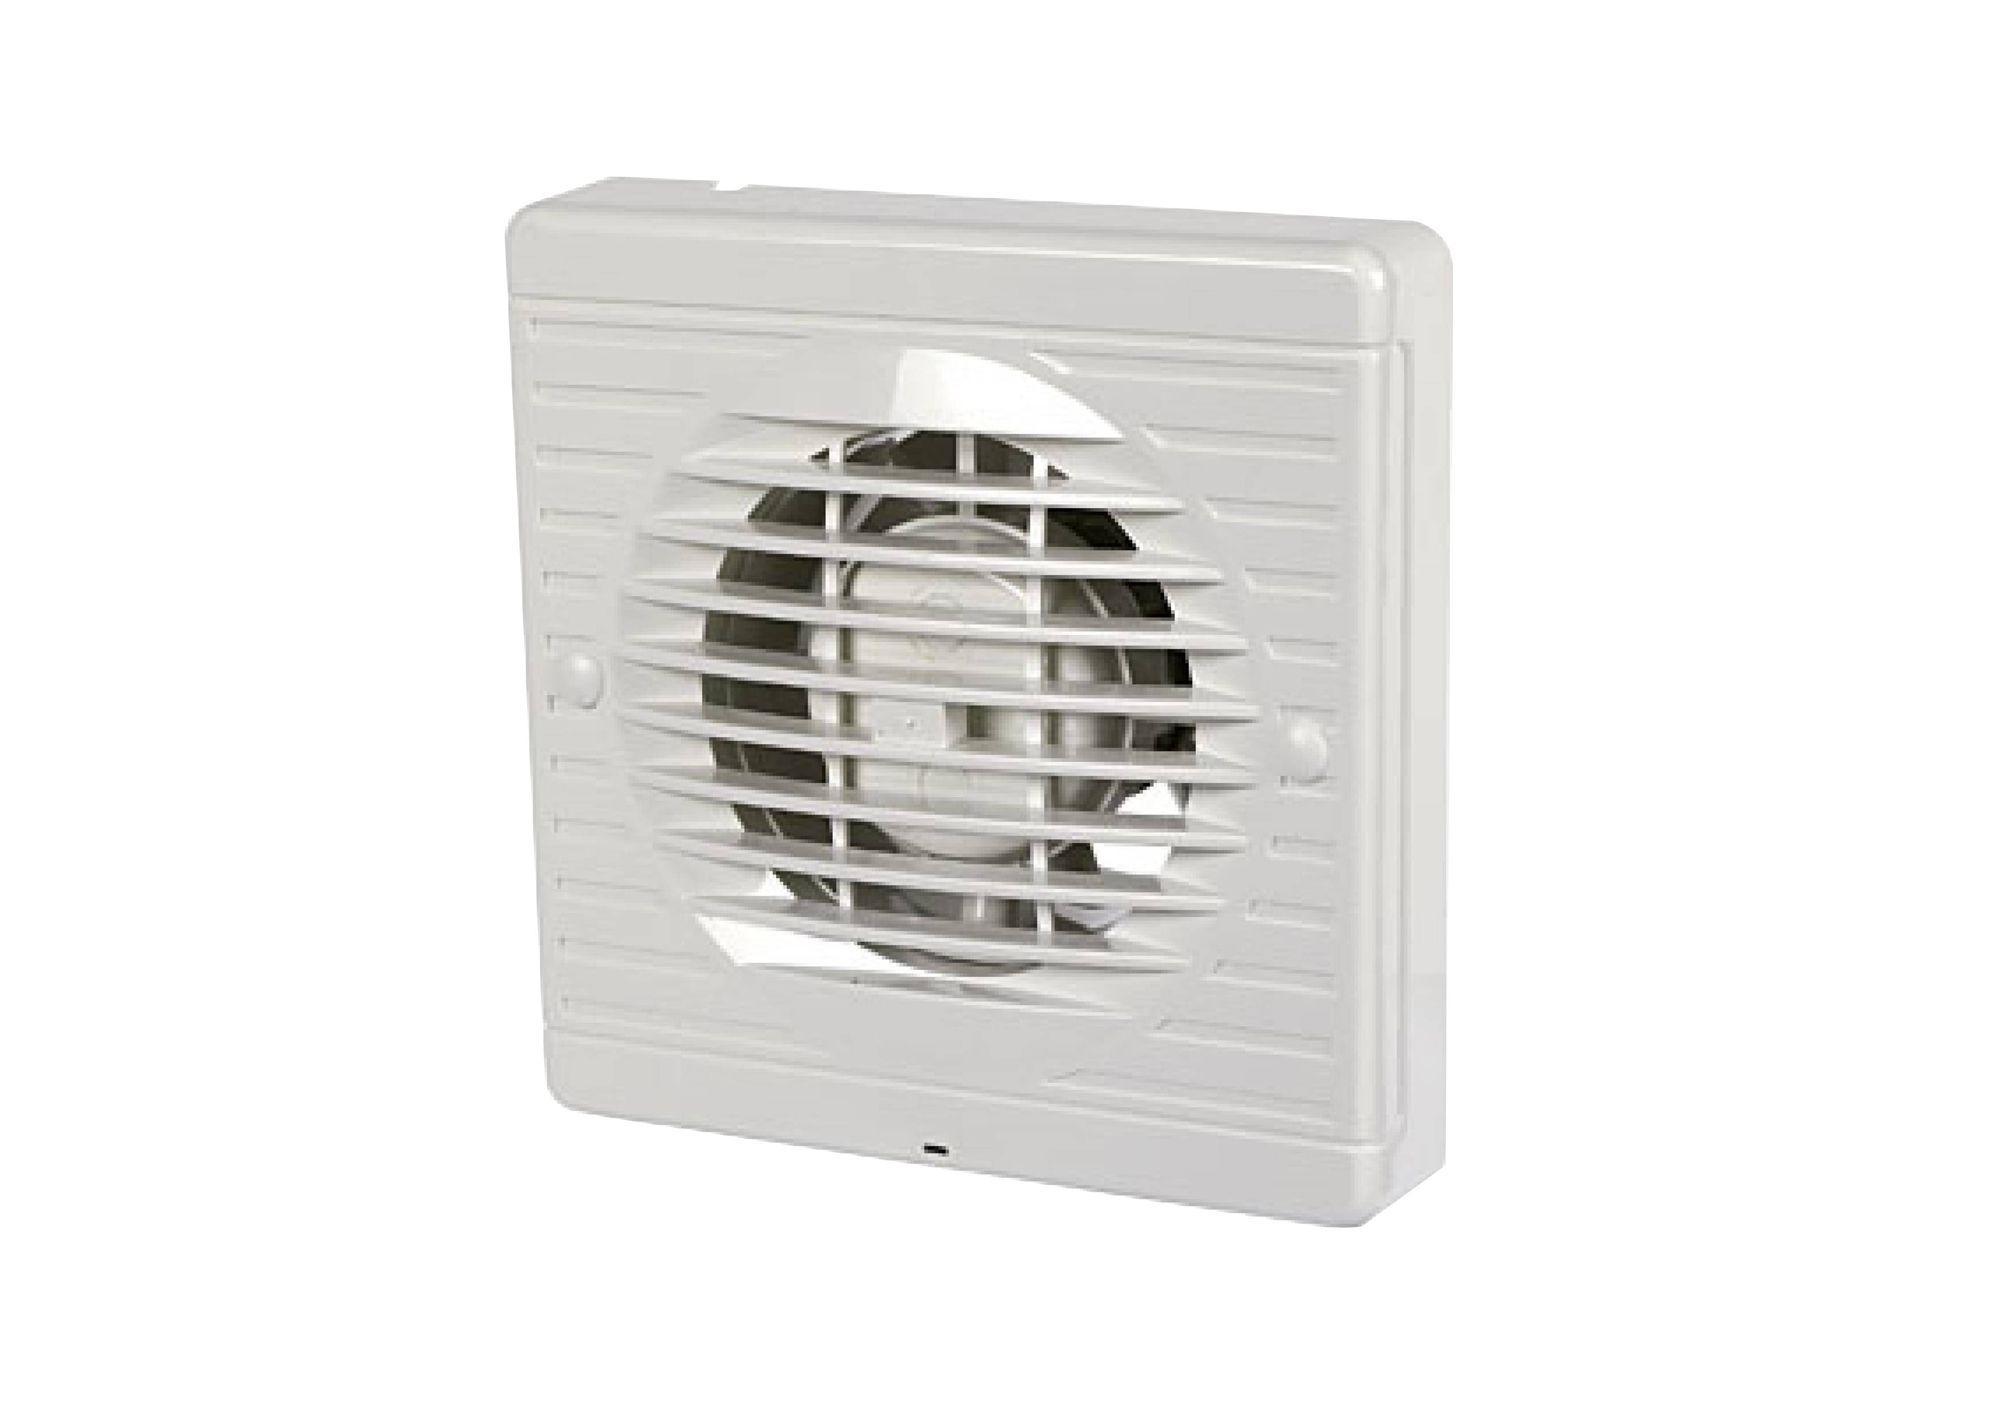 Manrose vxf lvs low energy bathroom extractor fan d mm